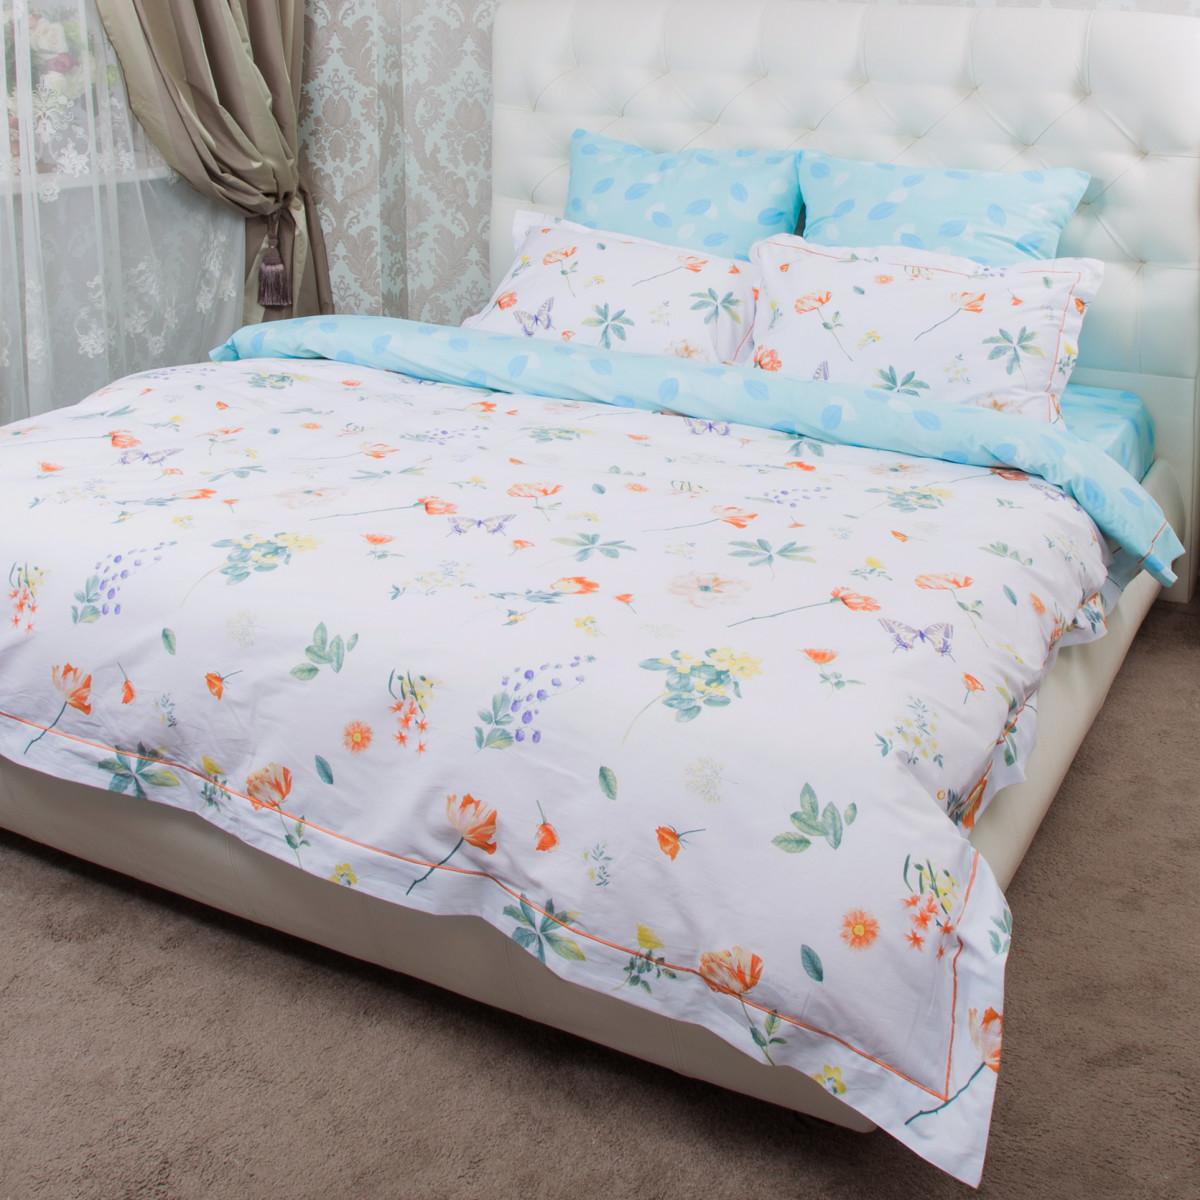 Комплект постельного белья Цветы семейный сатин 50x70 70x70 см